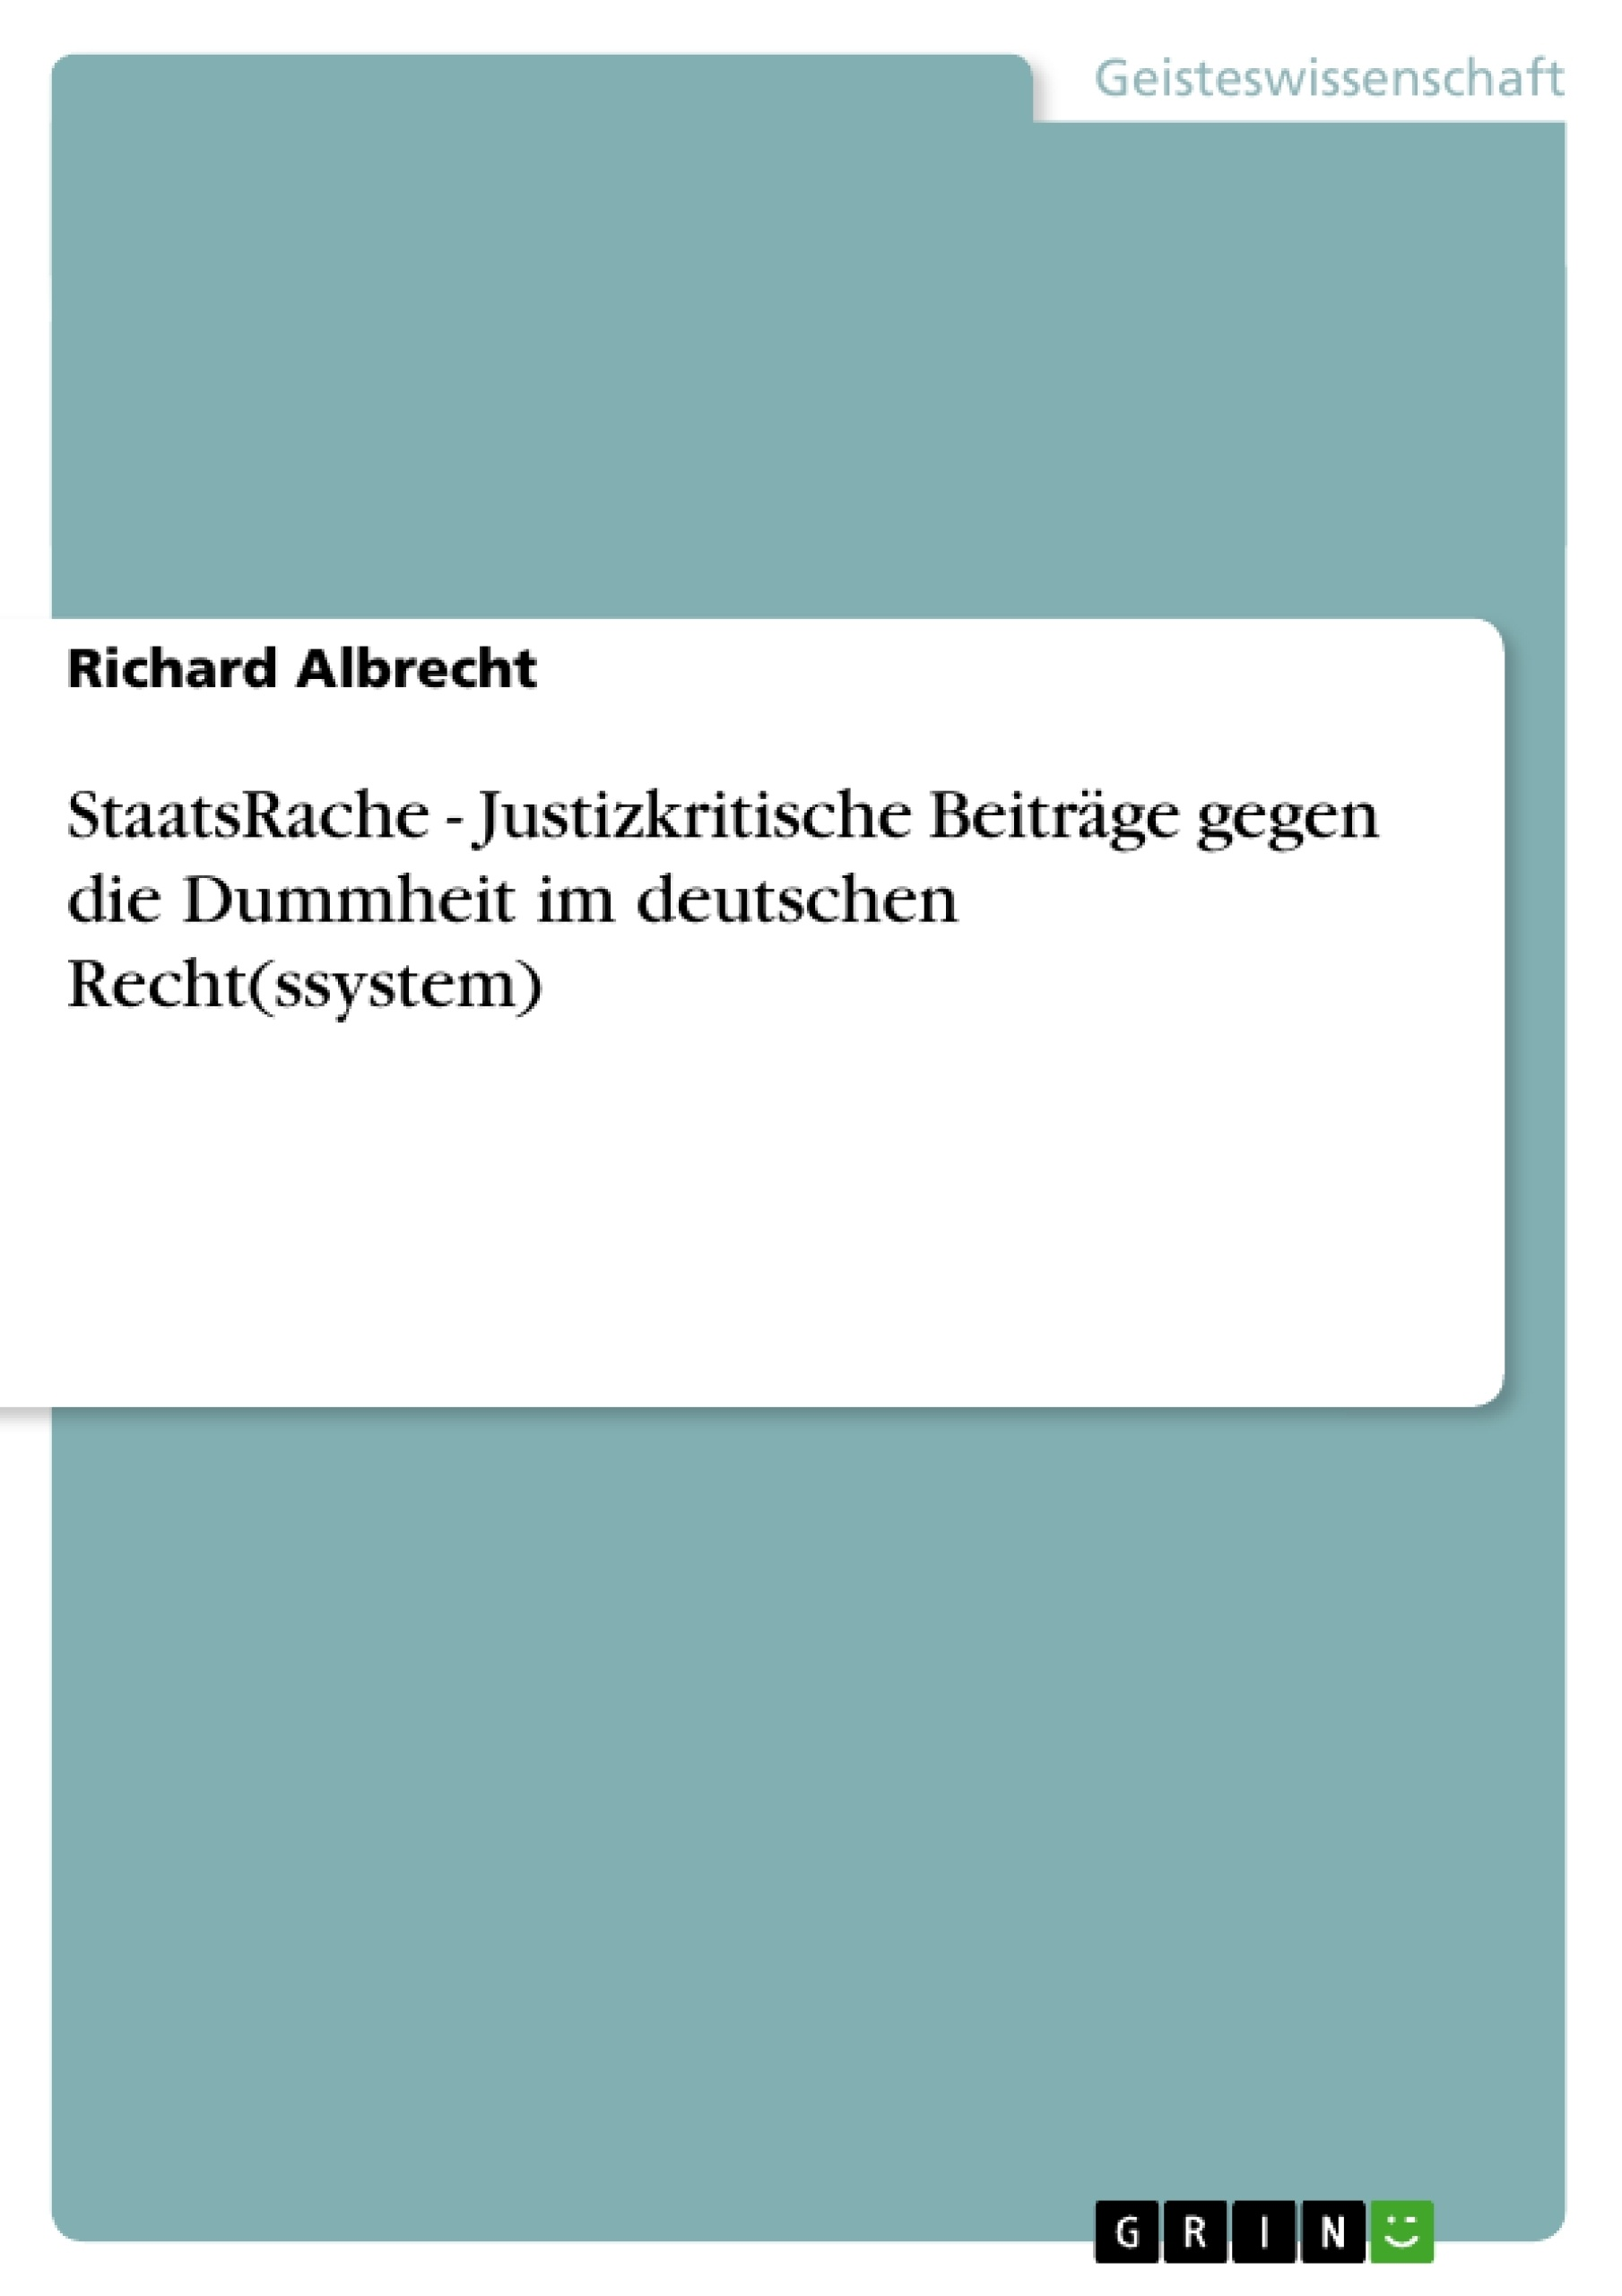 Titel: StaatsRache - Justizkritische Beiträge gegen die Dummheit im deutschen Recht(ssystem)